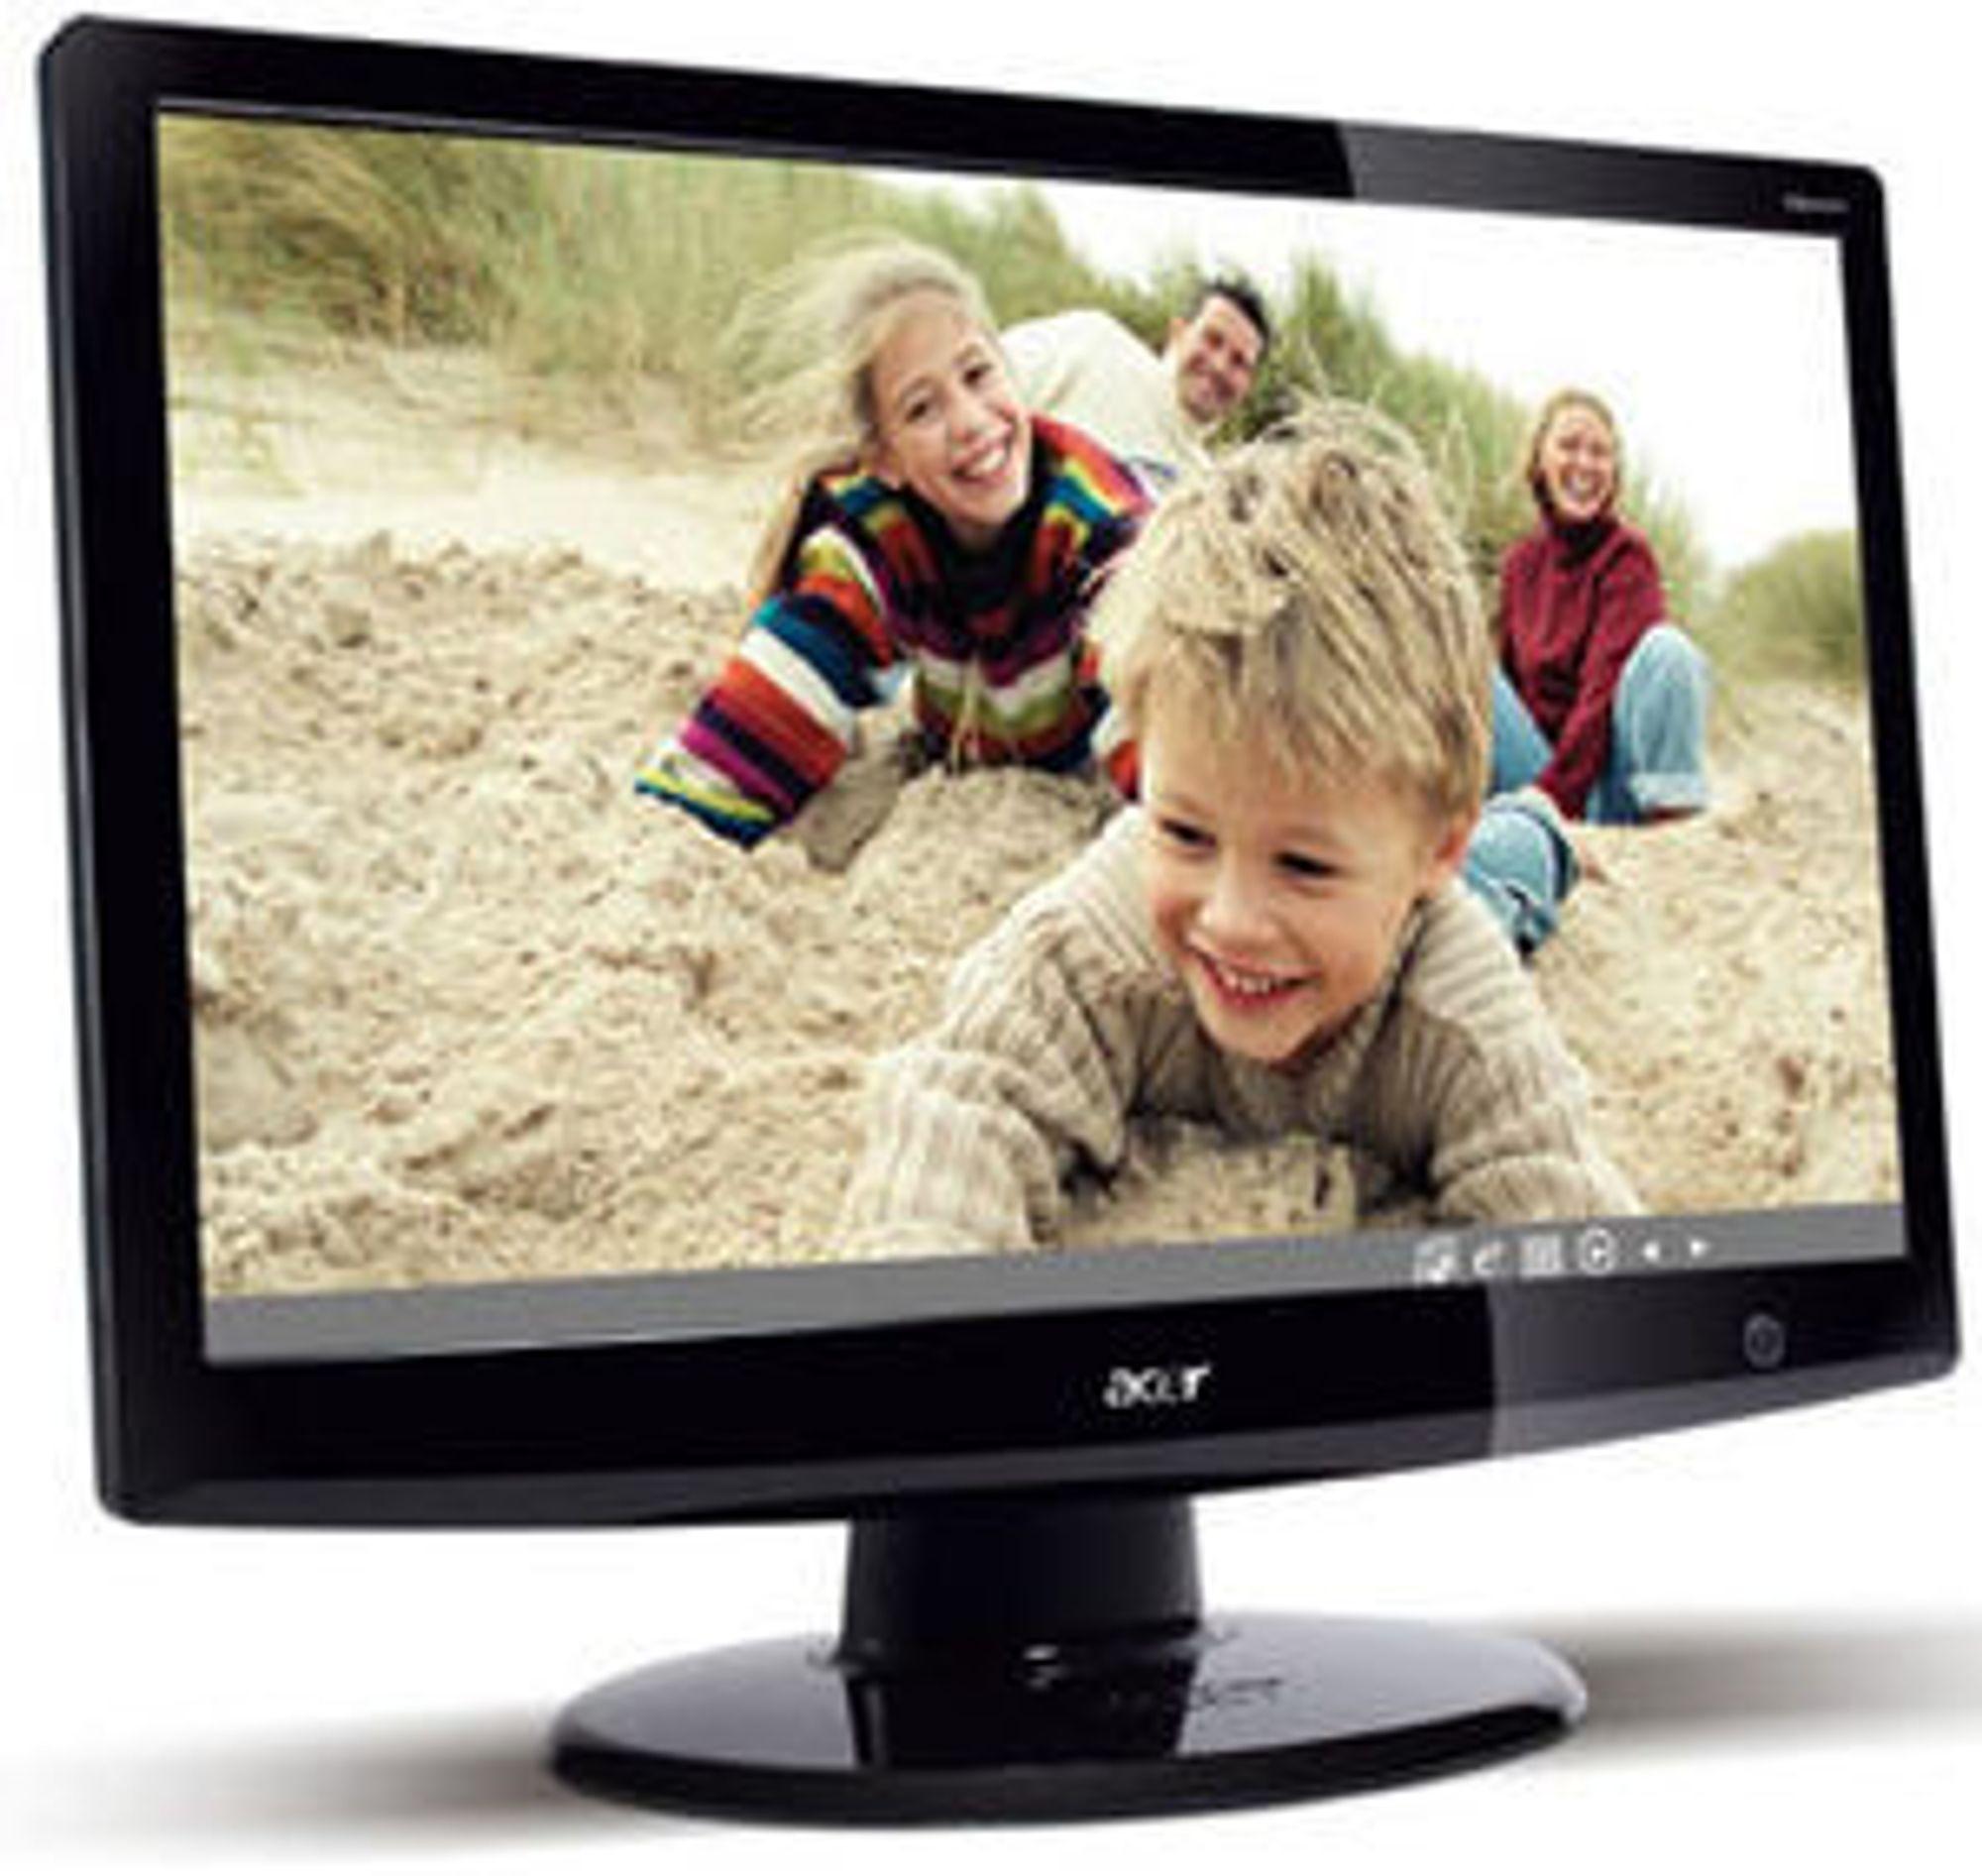 Angivelig et bilde av Acer DX240H.